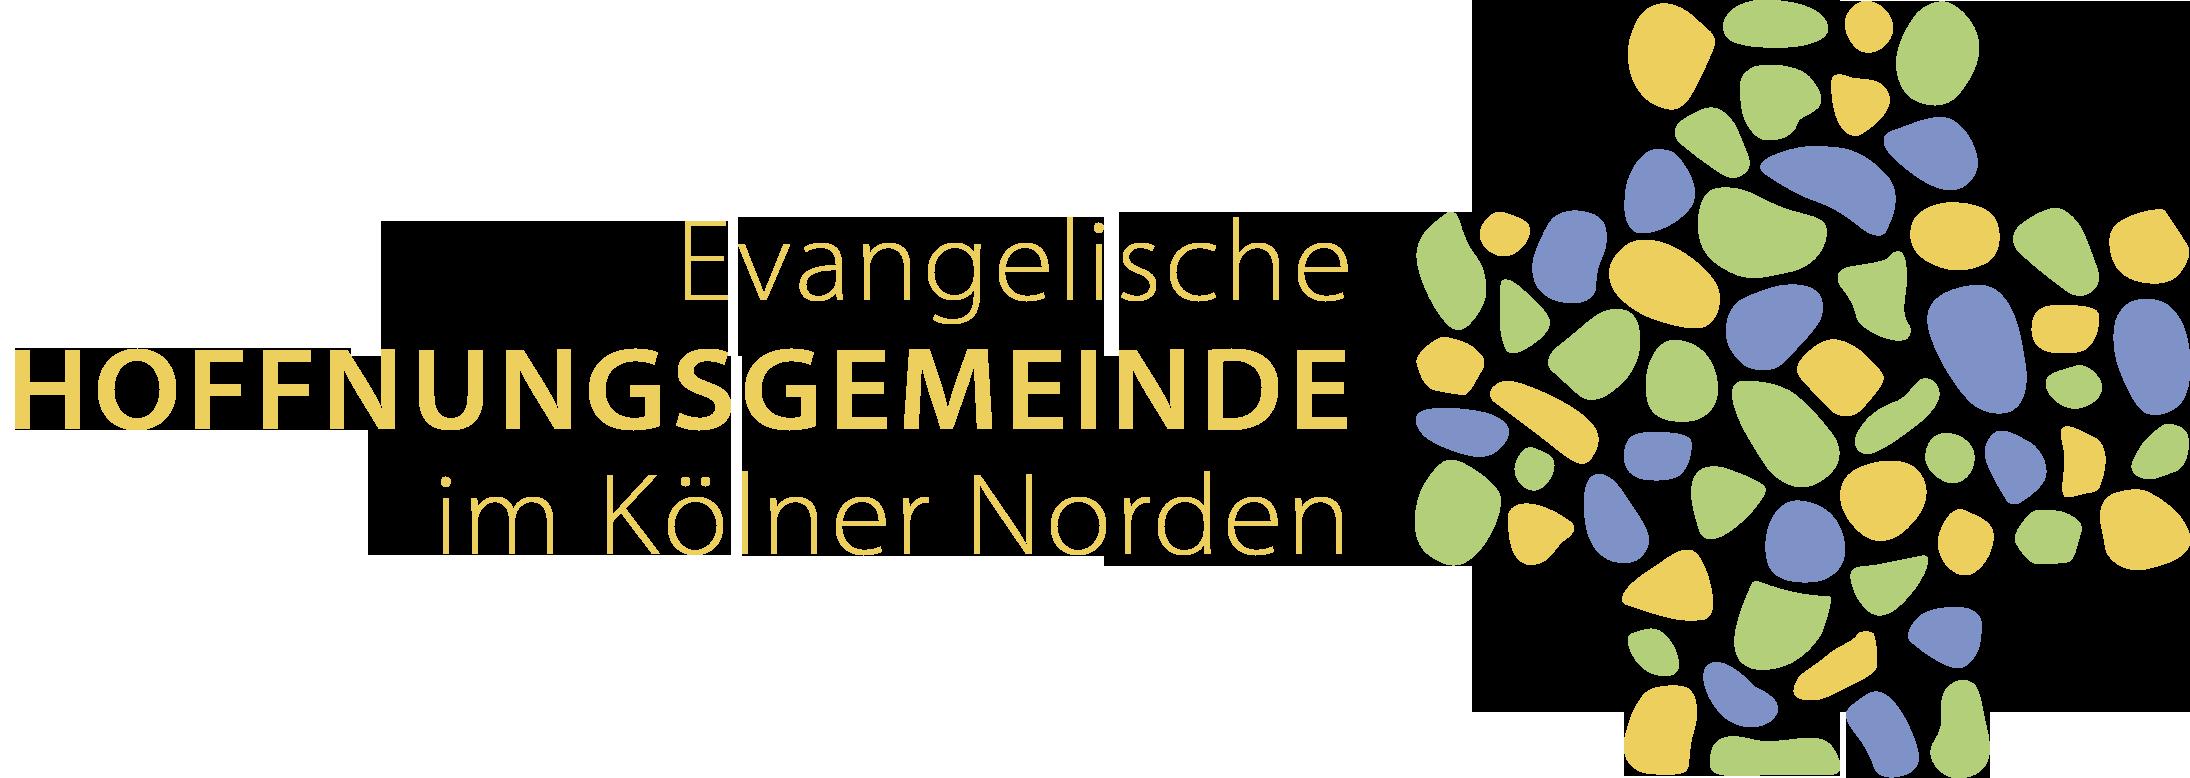 Evangelische Hoffnungsgemeinde im Kölner Norden